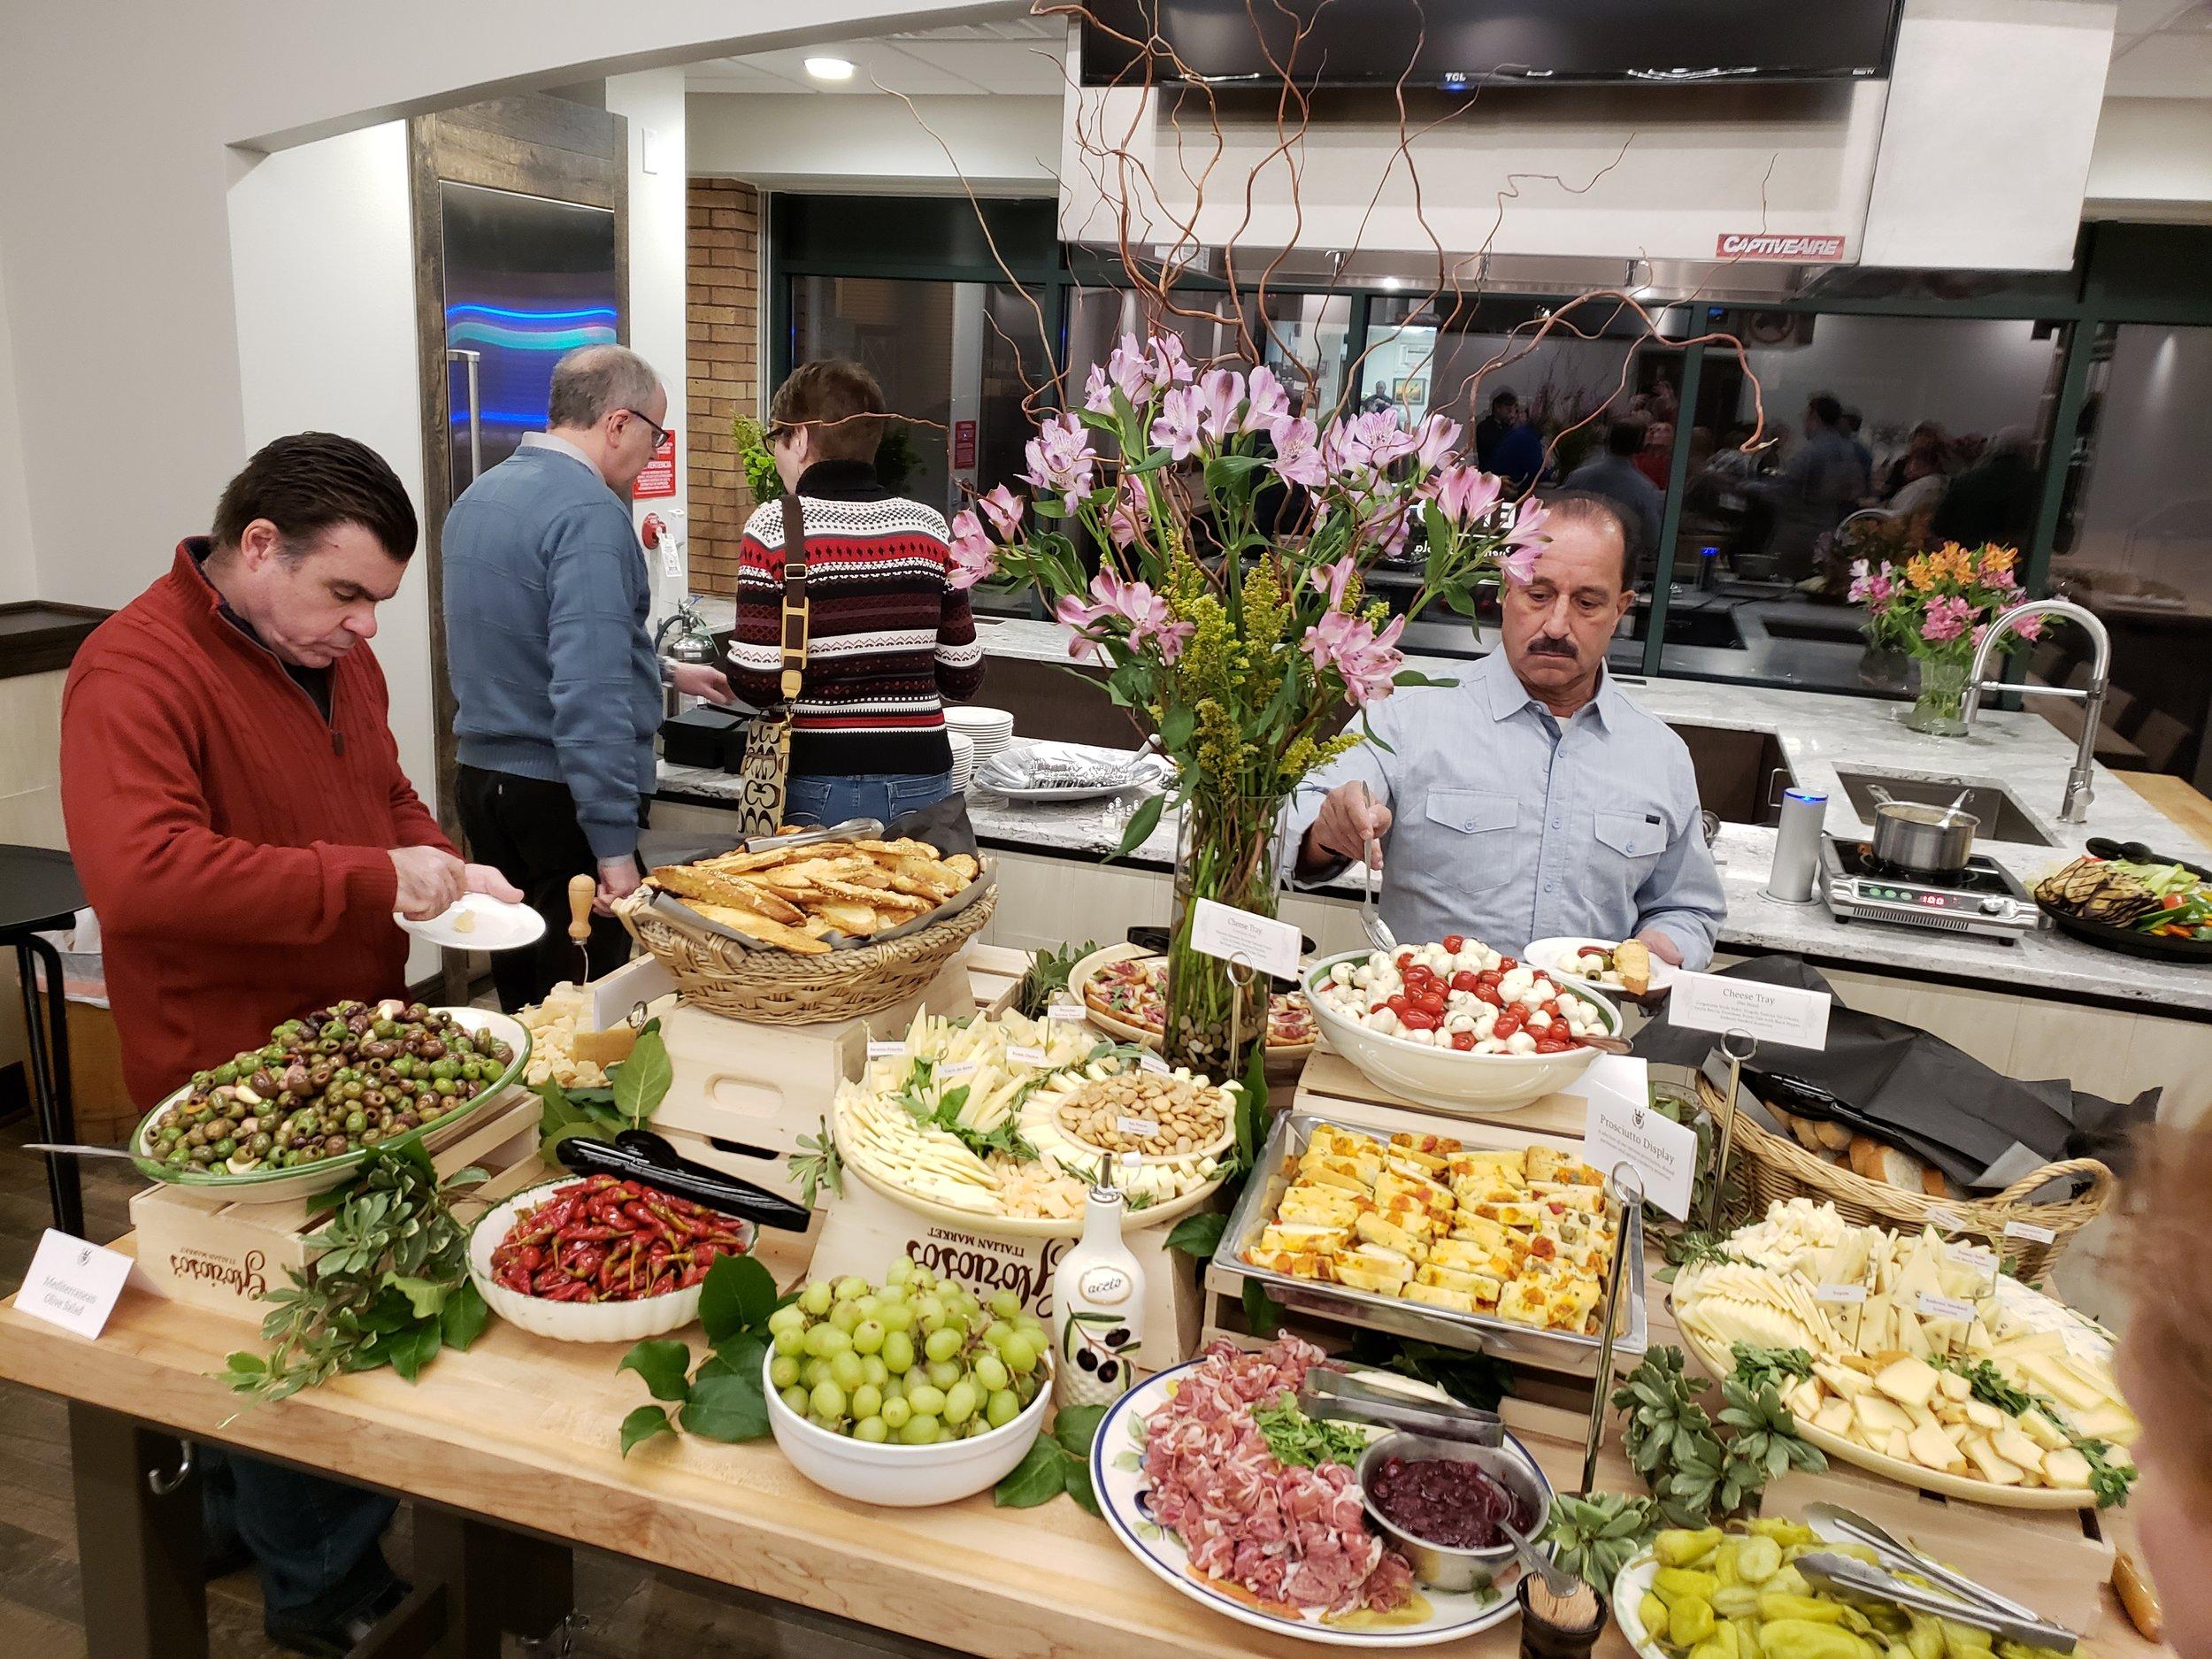 The demo kitchen at Glorioso's Appetito is a perfect space to enjoy Italian fare Glorioso's Italian Market including Finocchiona and Cranberry Crostini, cheese trays, prosciutto, olives, polenta, and Prosciutto Arancini.